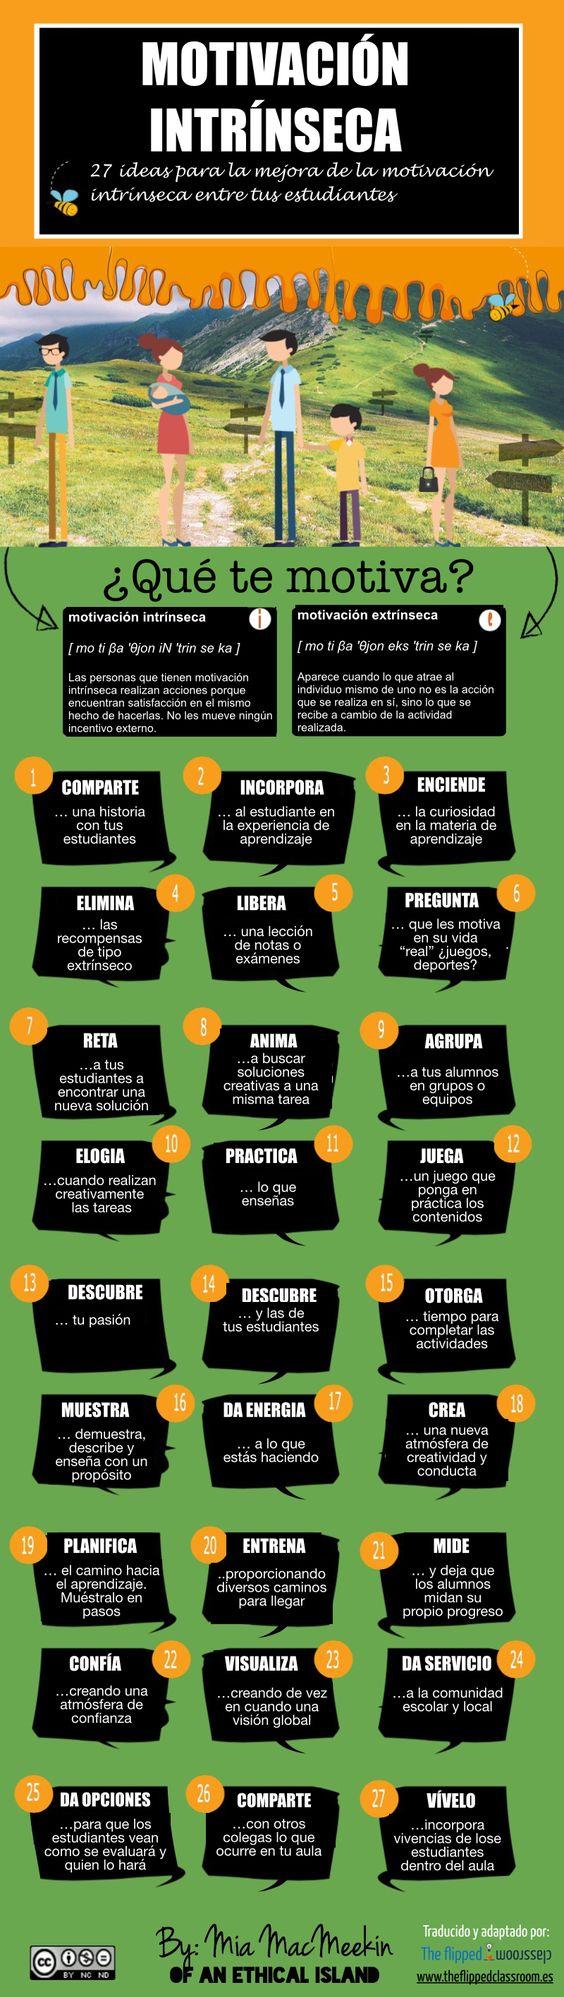 27 ideas para la mejora de la motivación intrínseca entre tus estudiantes